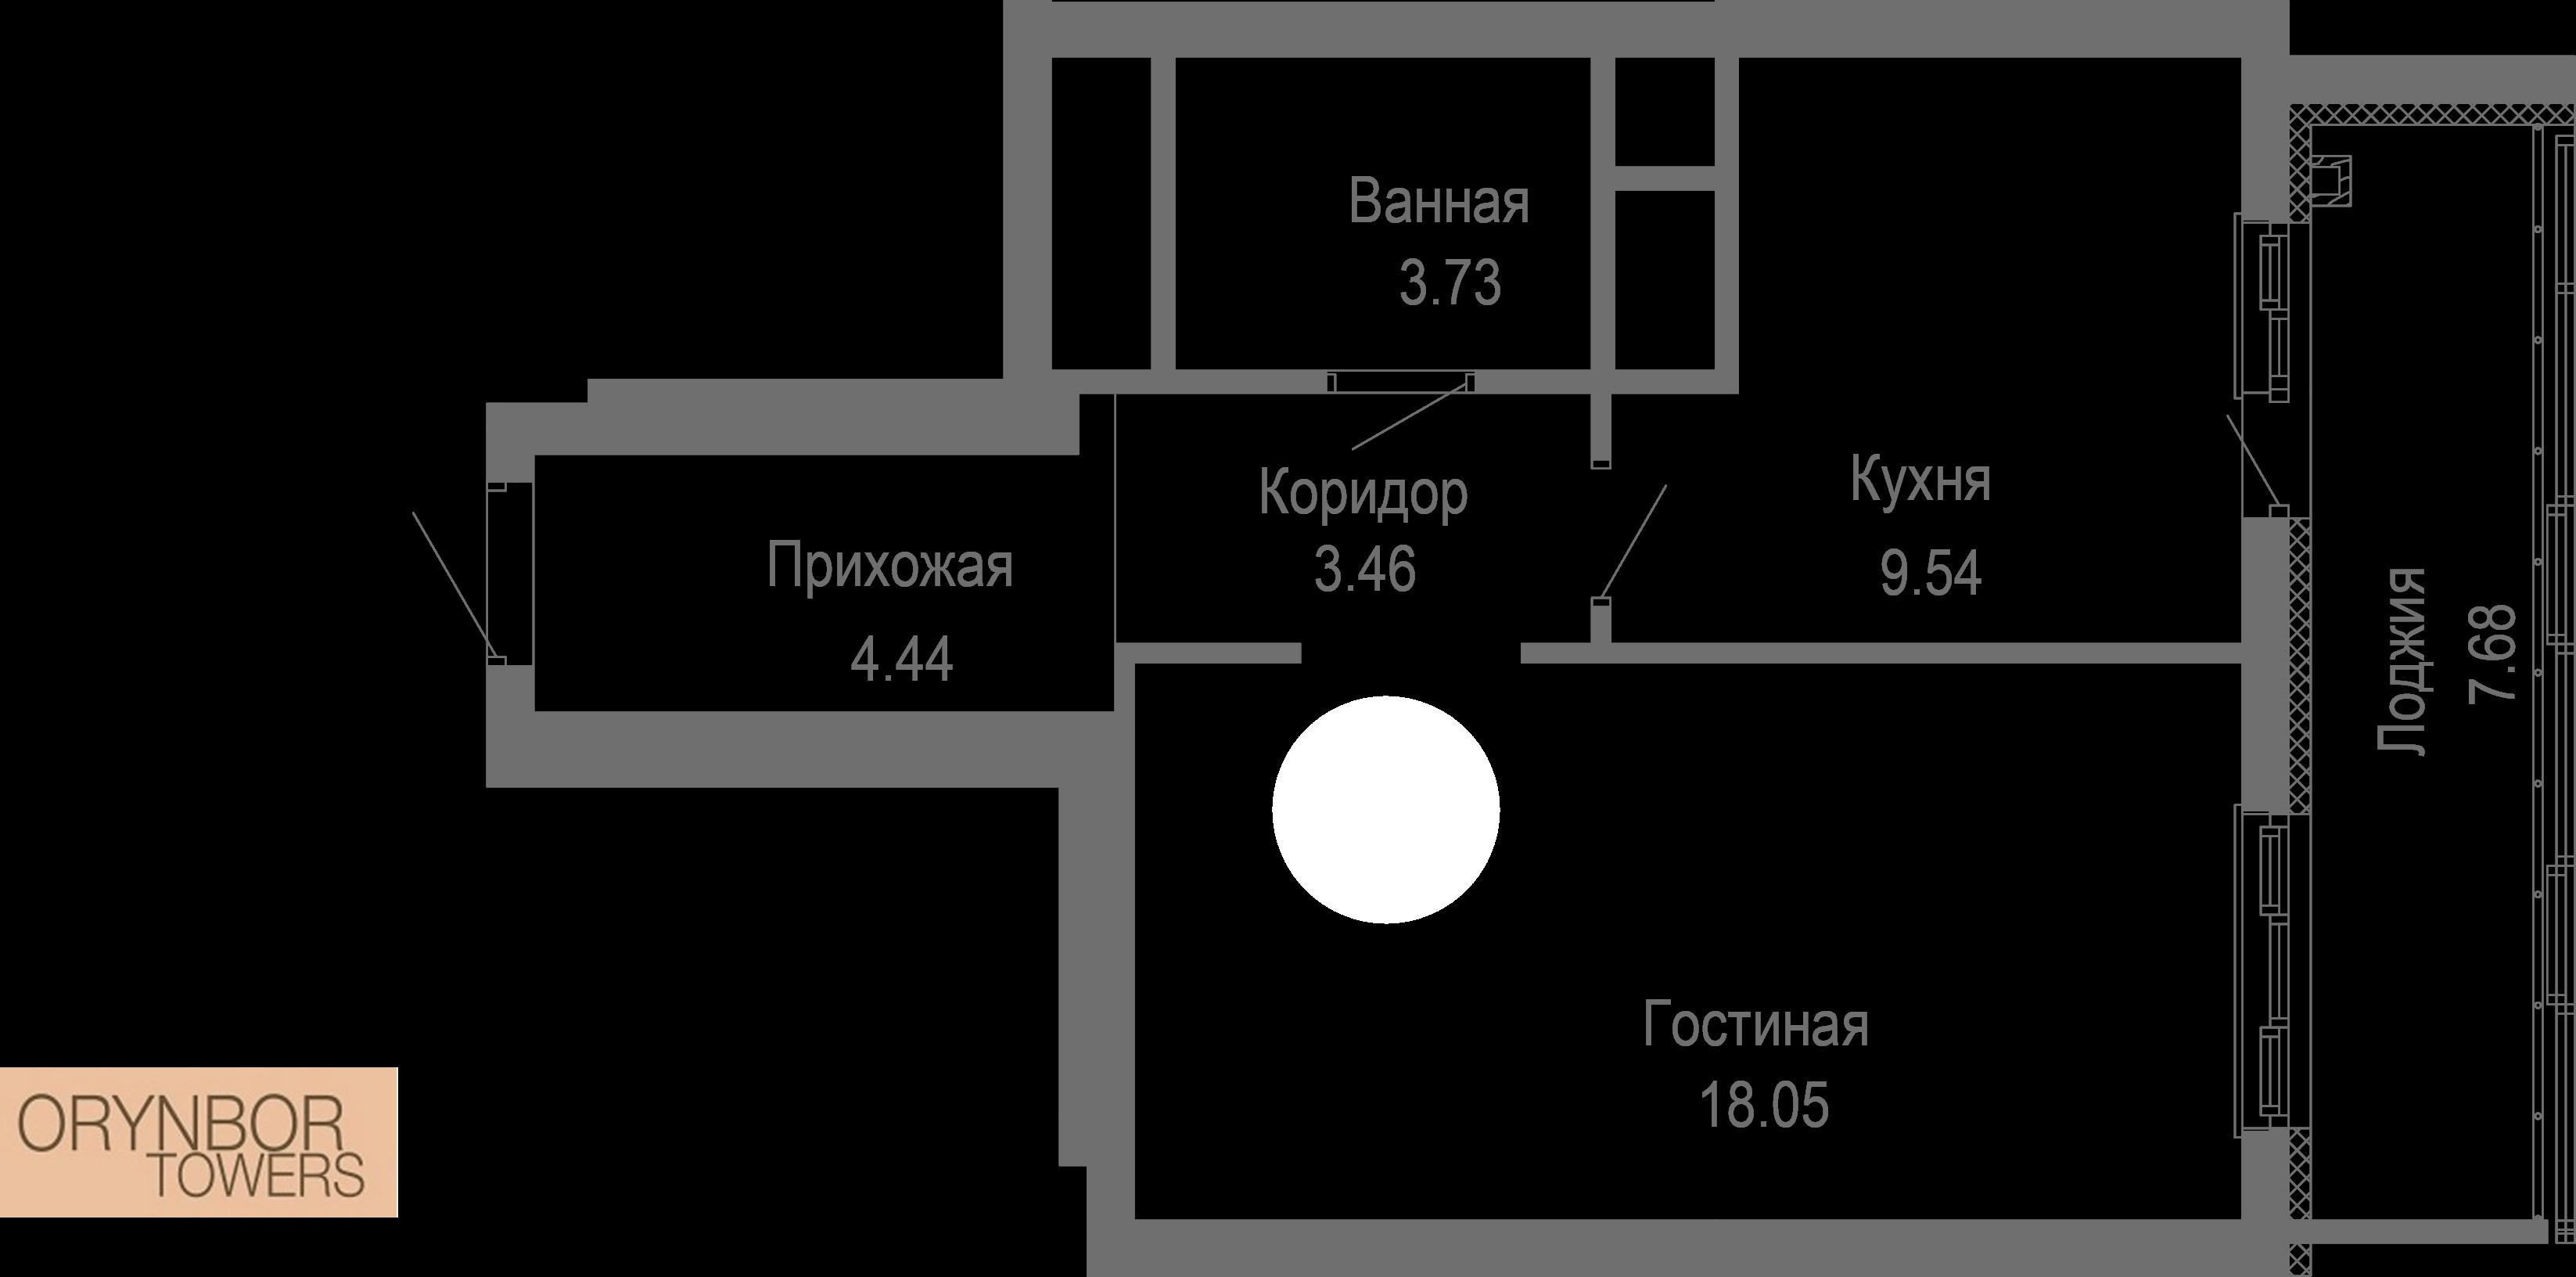 Блок 1-1, Пәтер 171